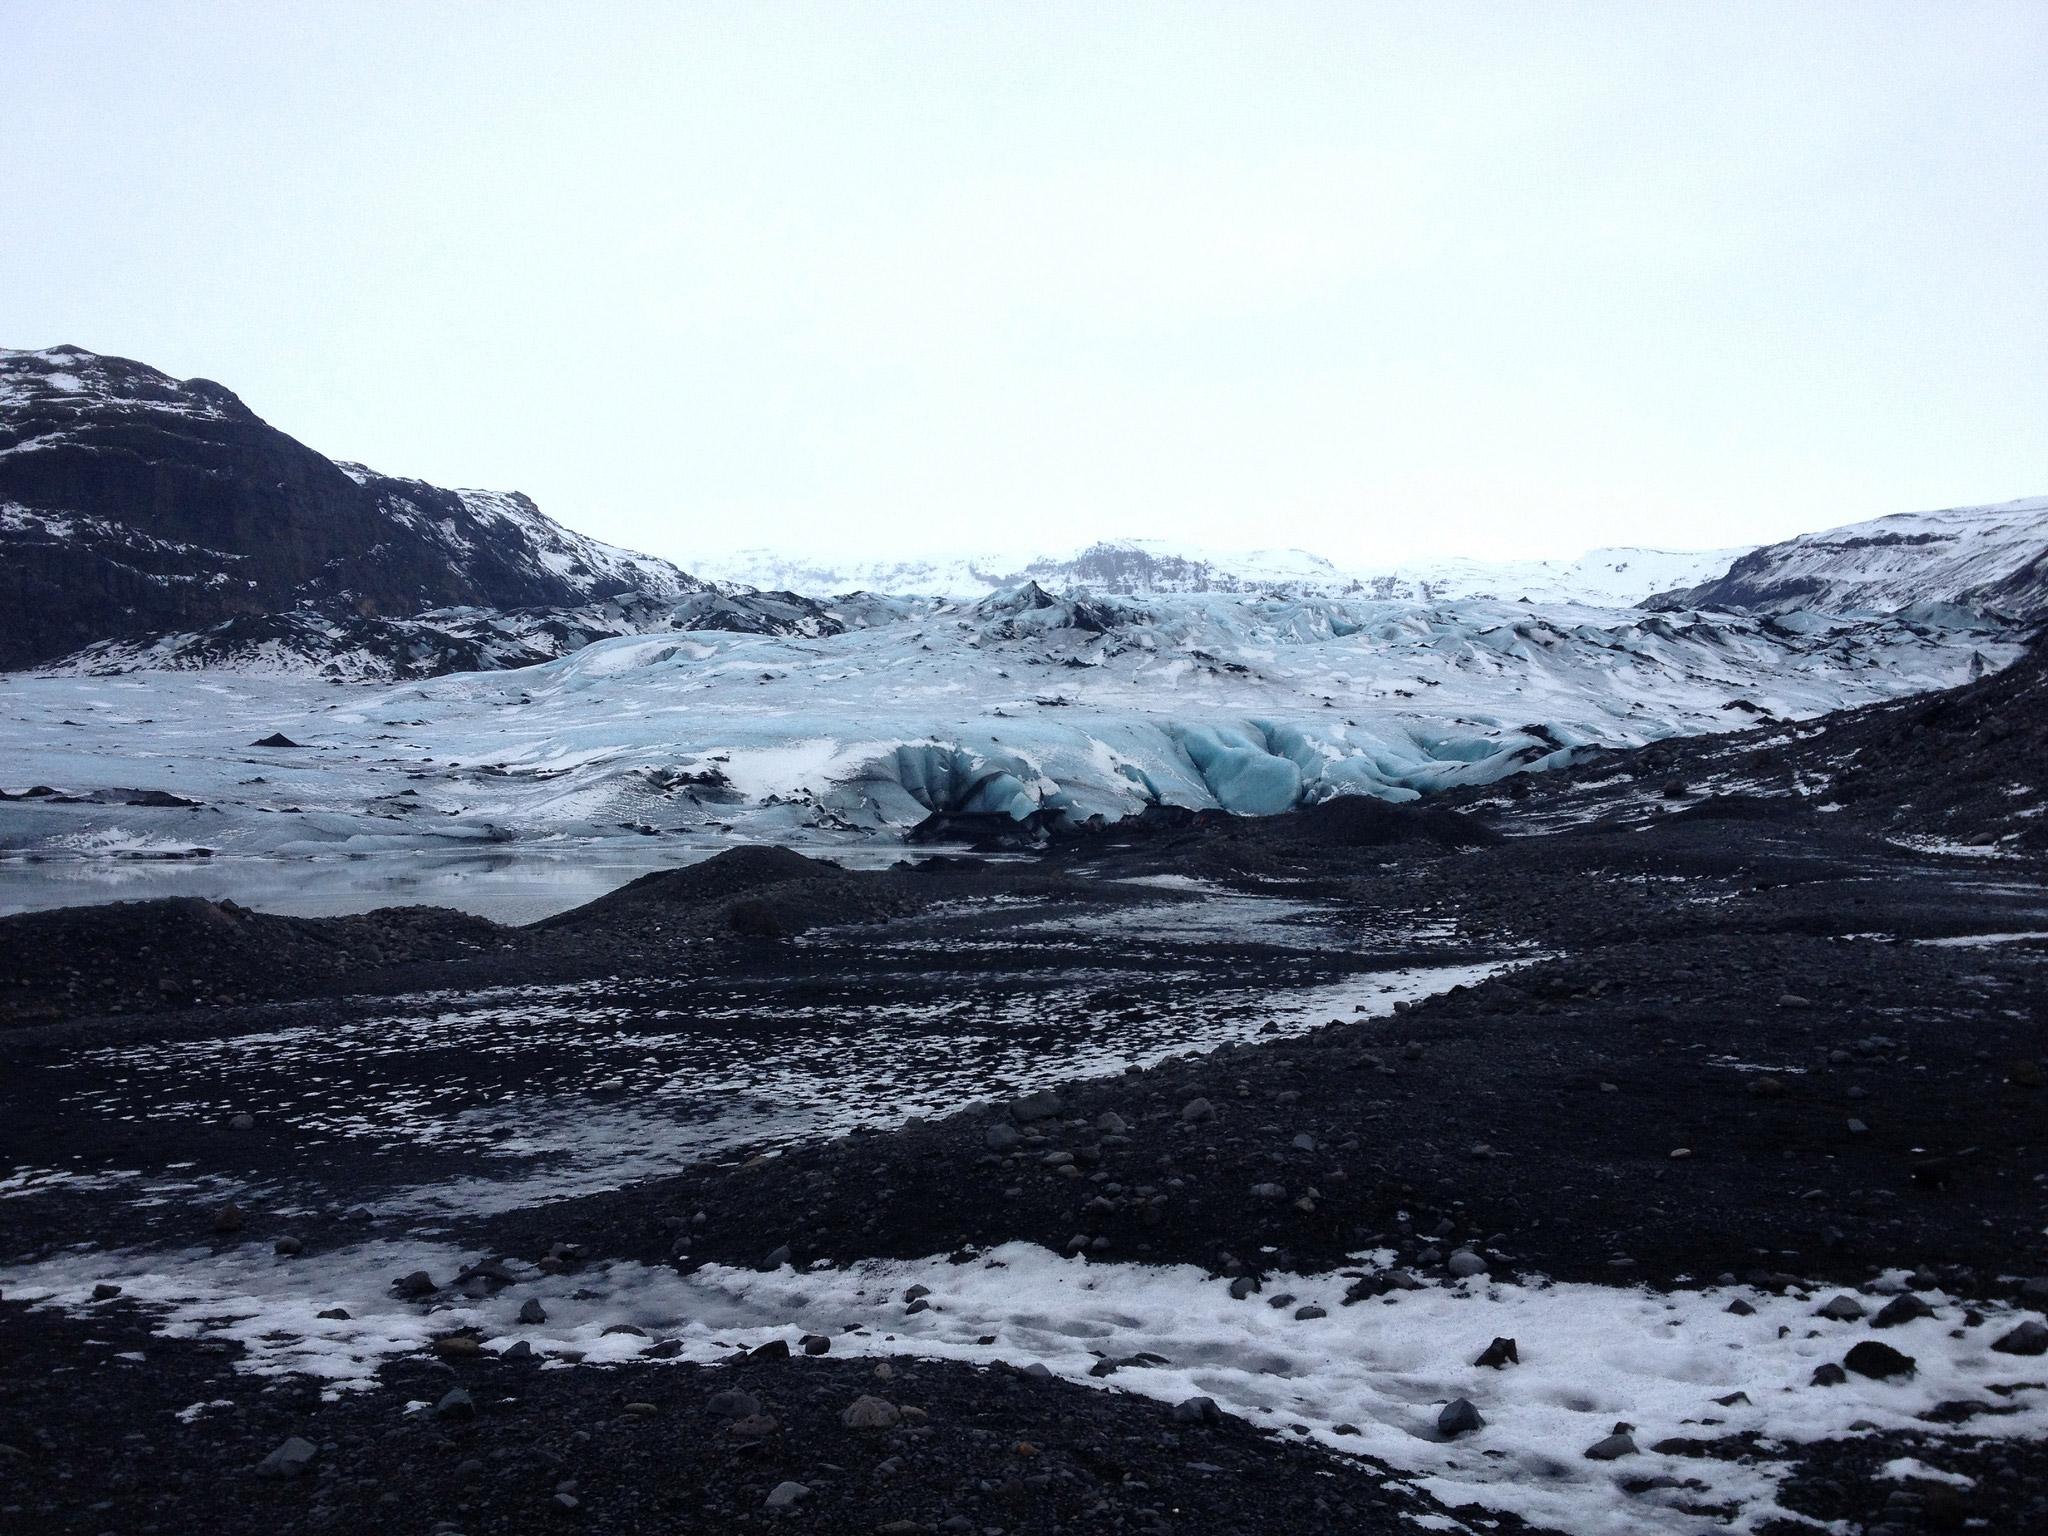 The Sólheimajökull glacier